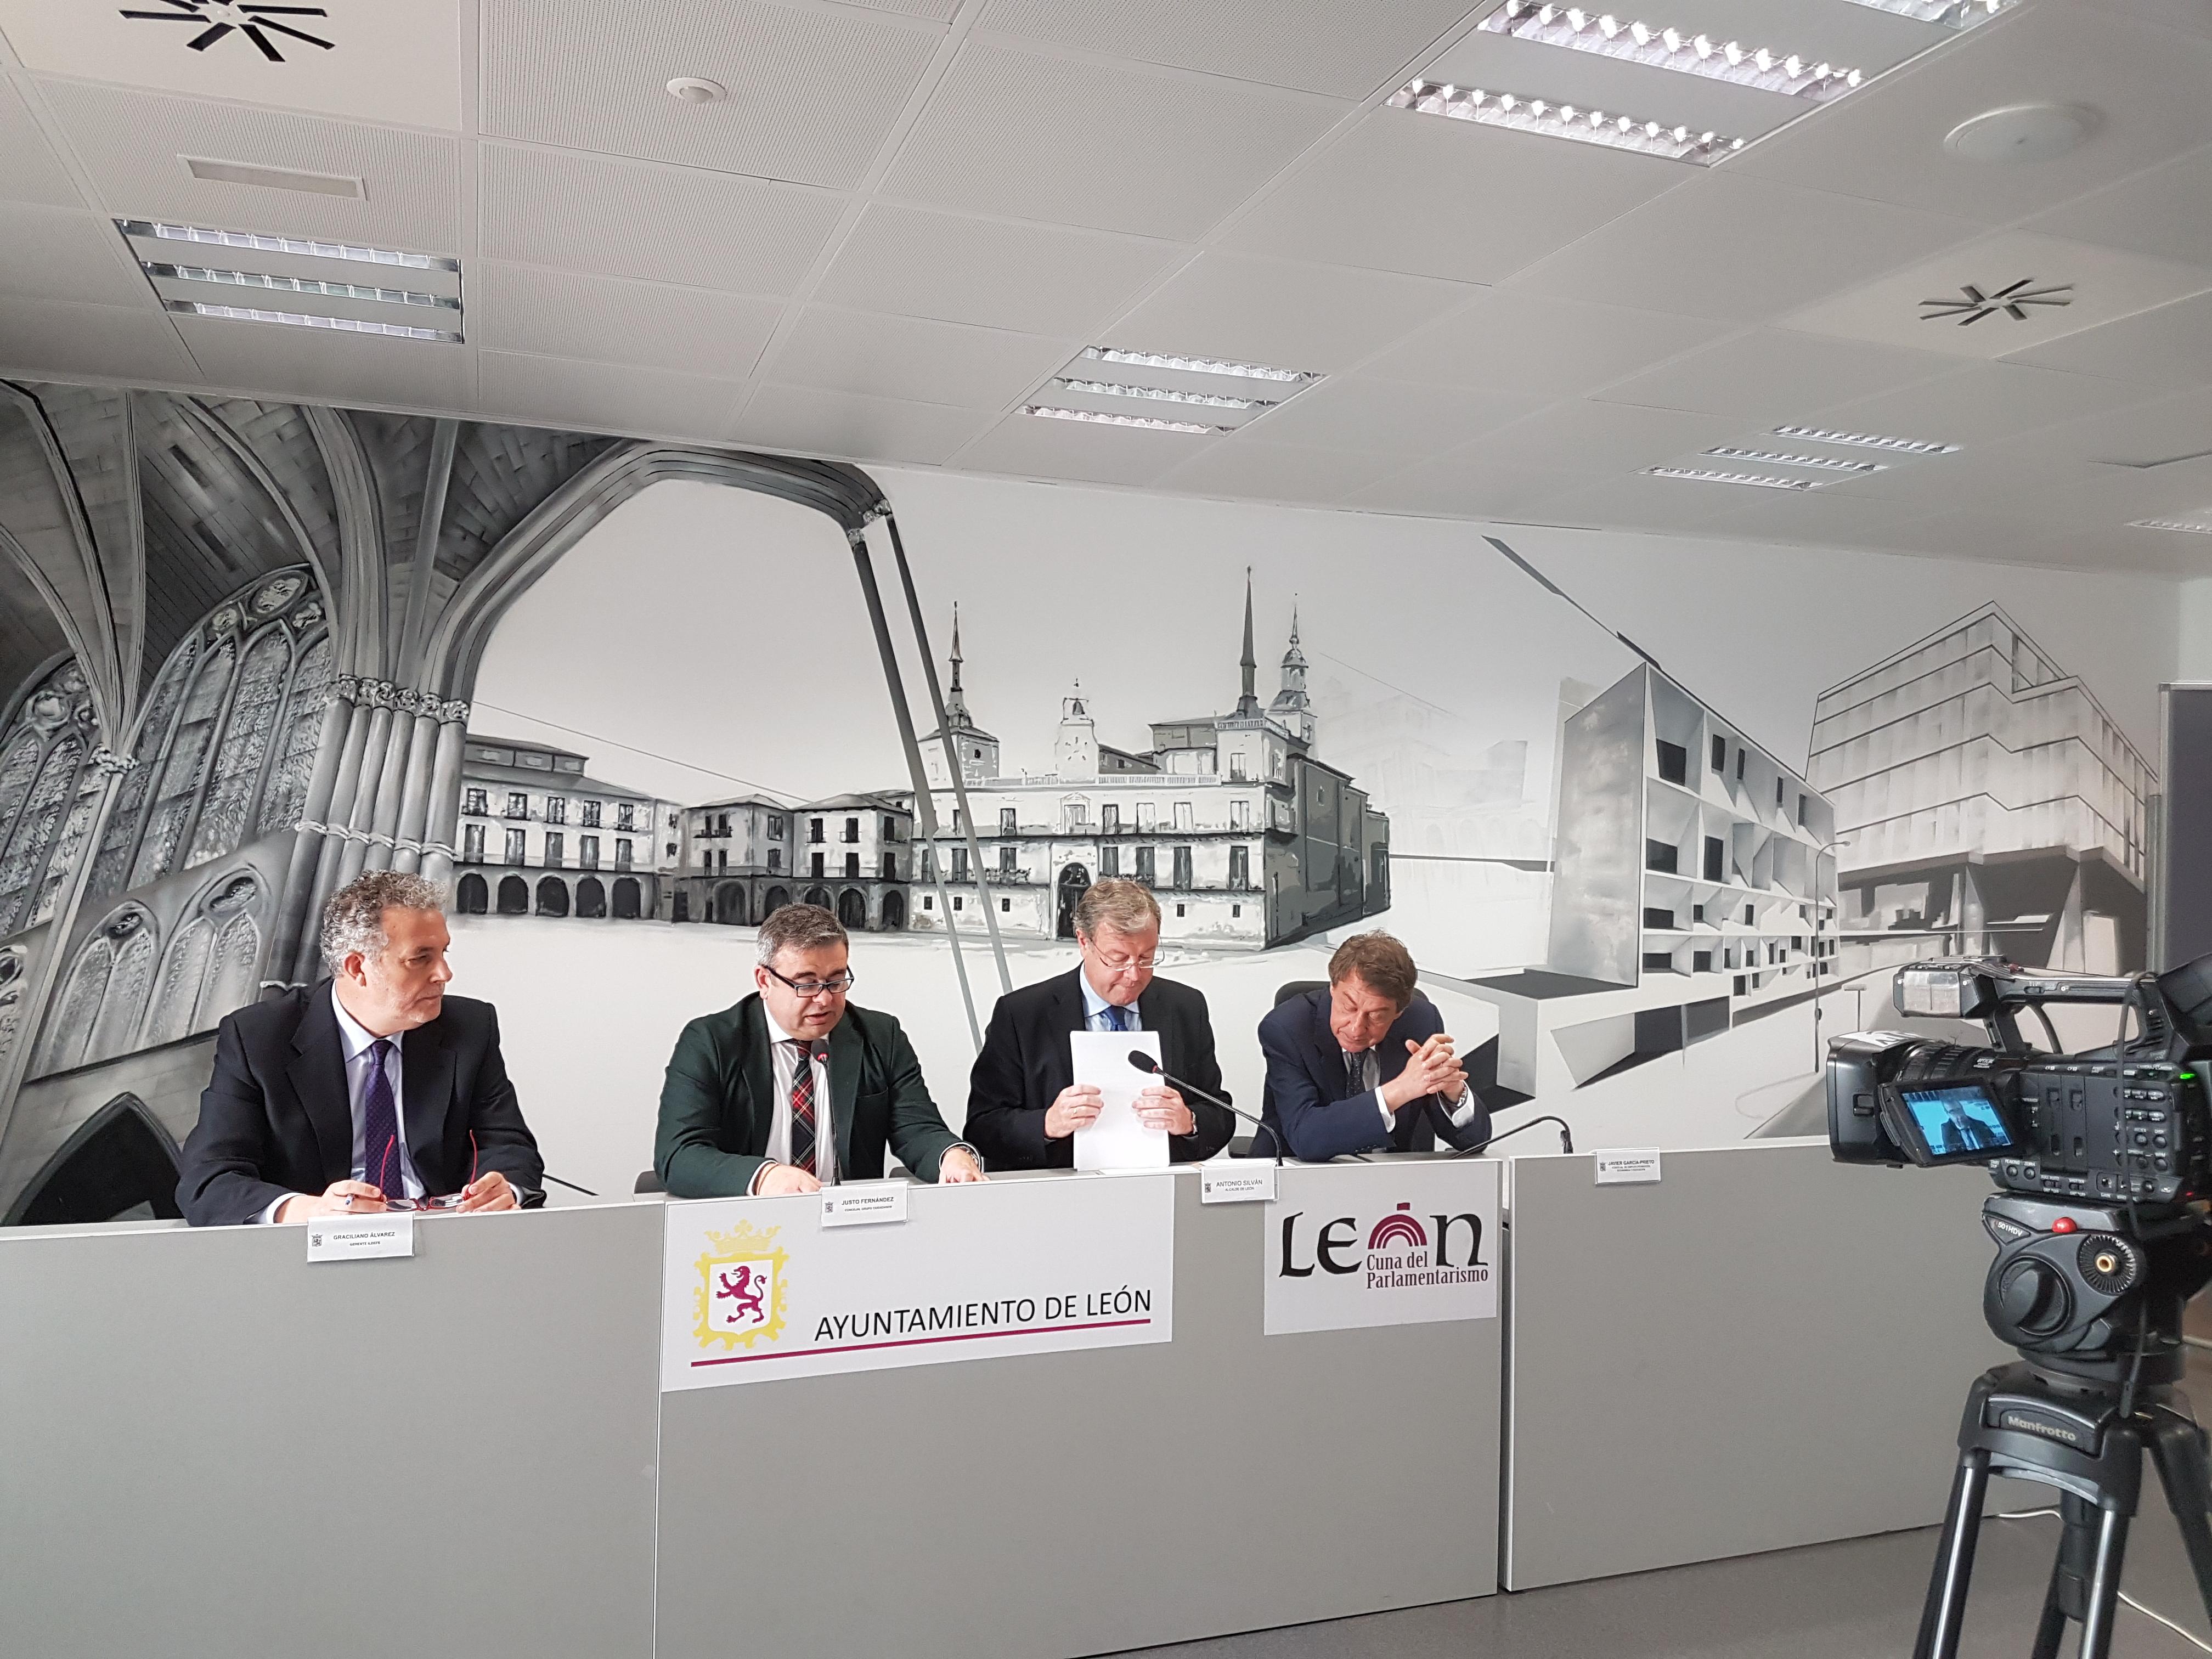 El concejal Justo Fernández en rueda de prensa sobre LeonUP